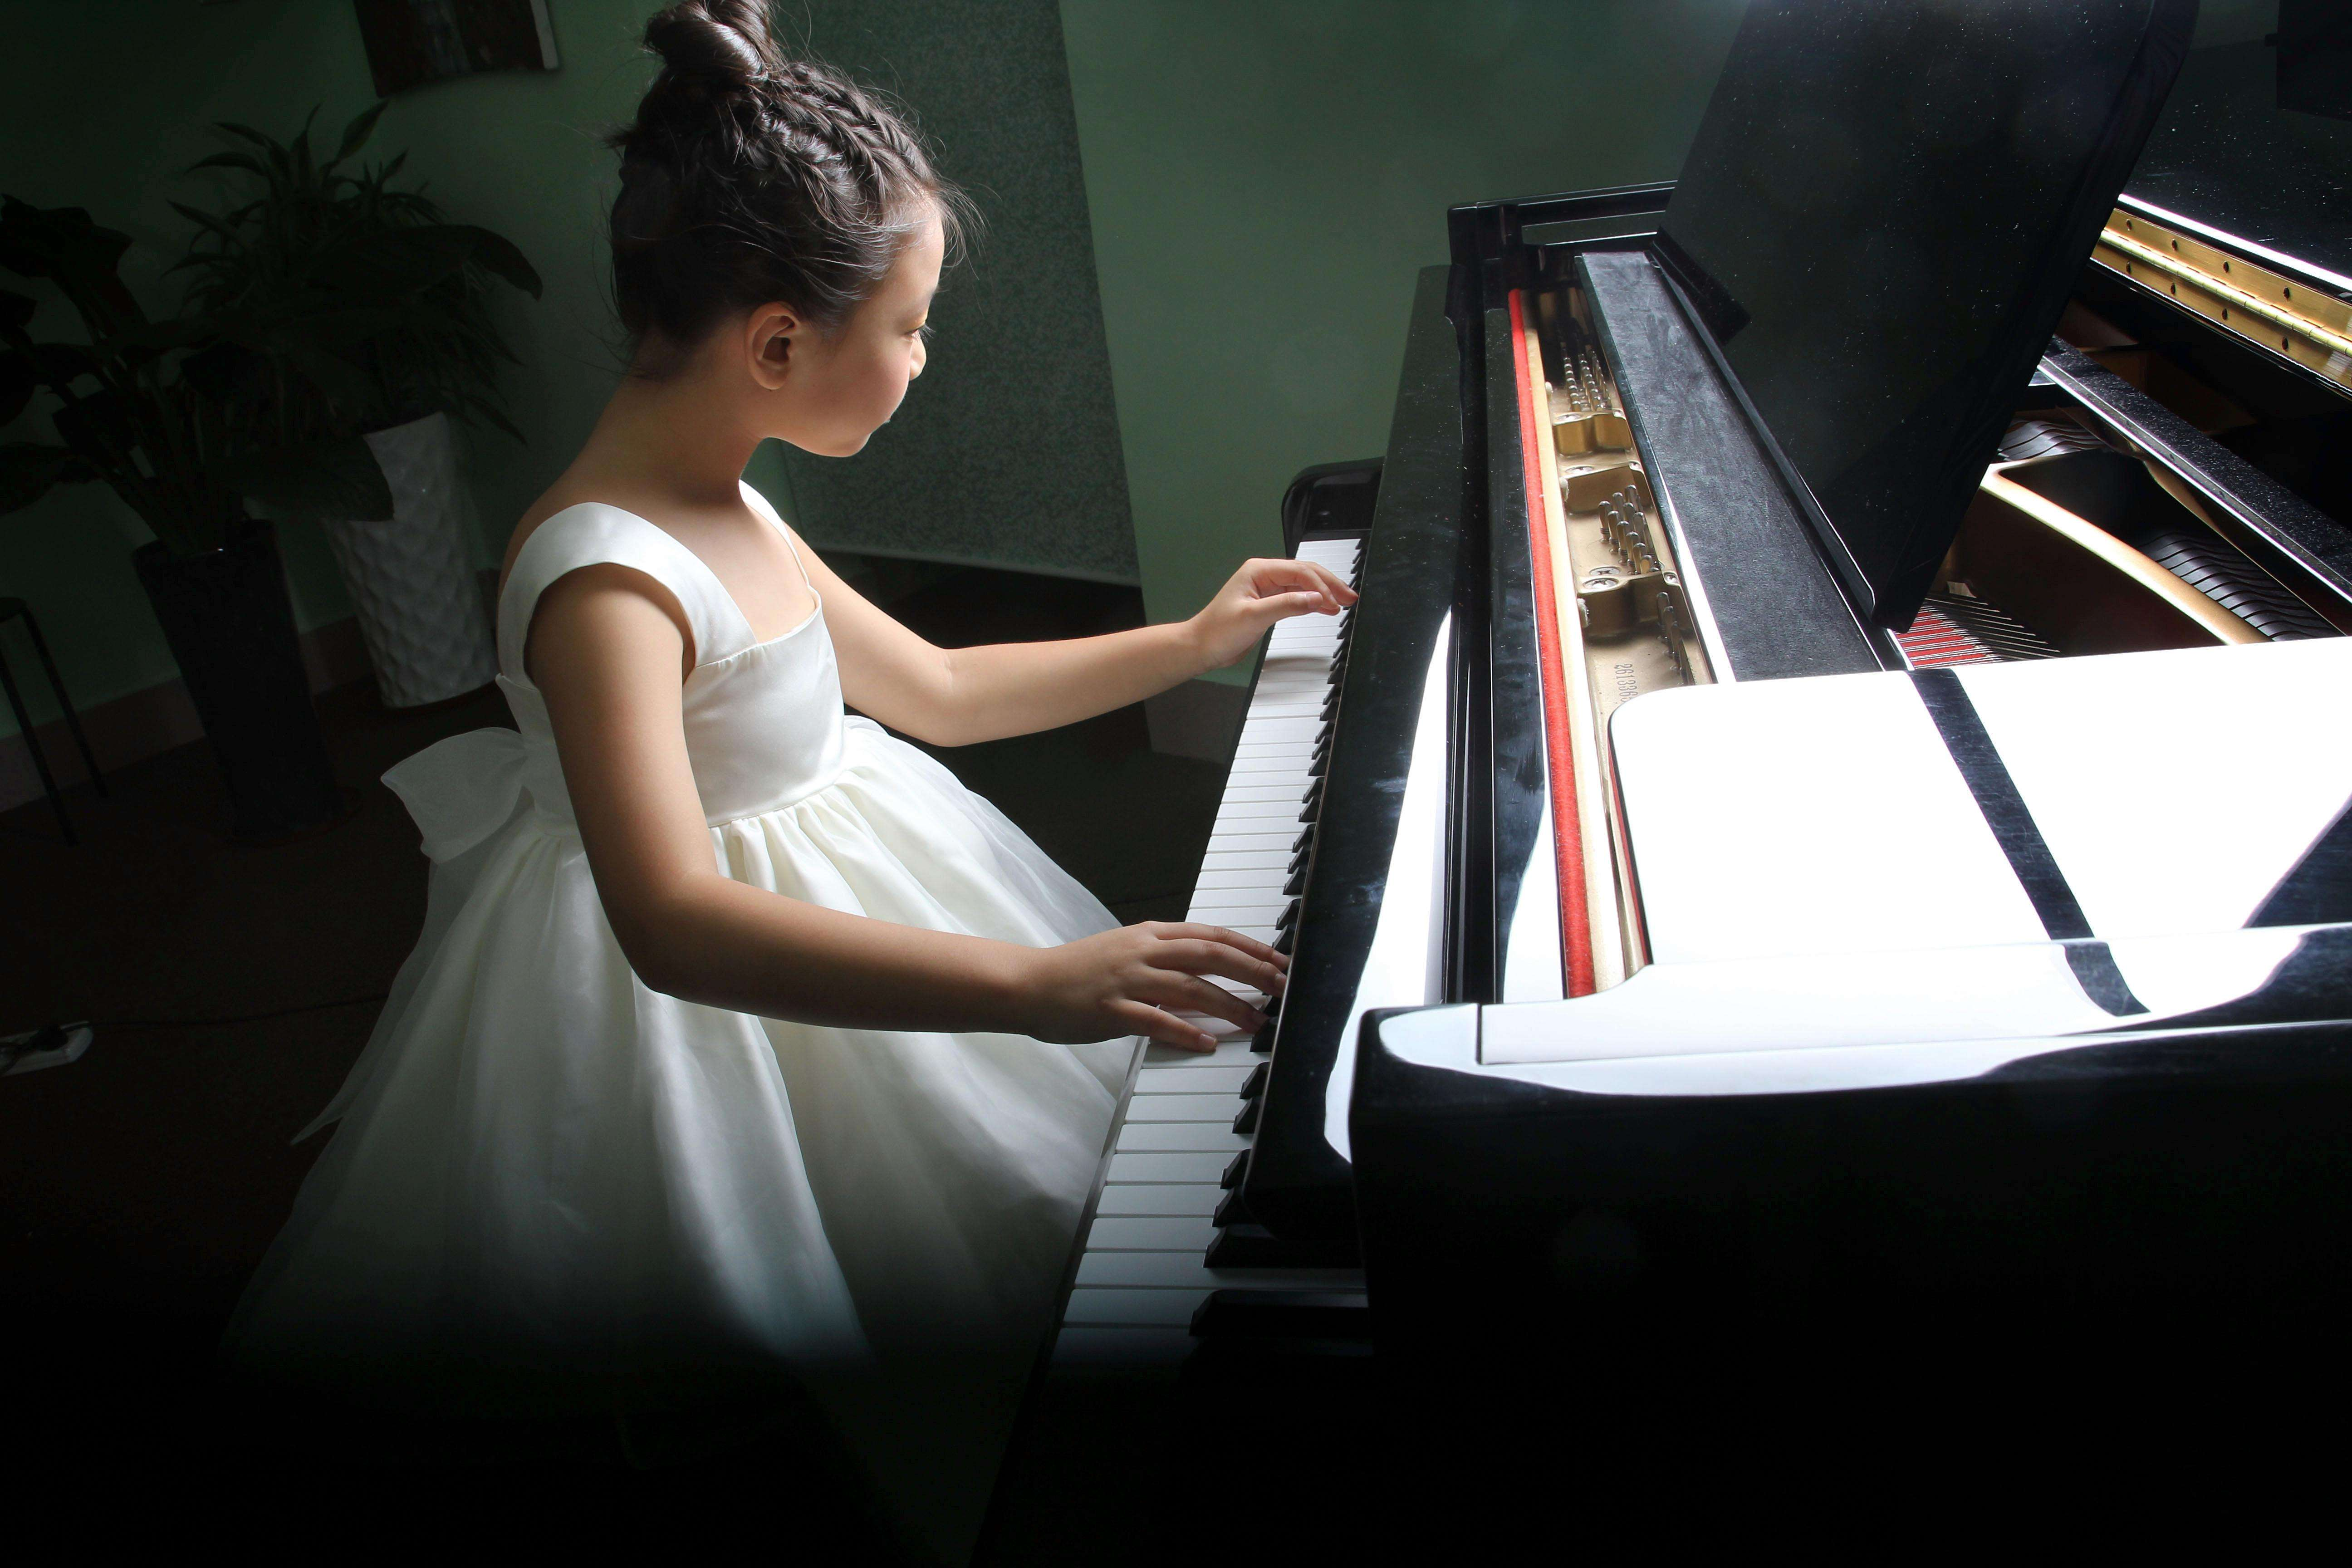 想要学好音乐,重视乐理的学习是很有必要的